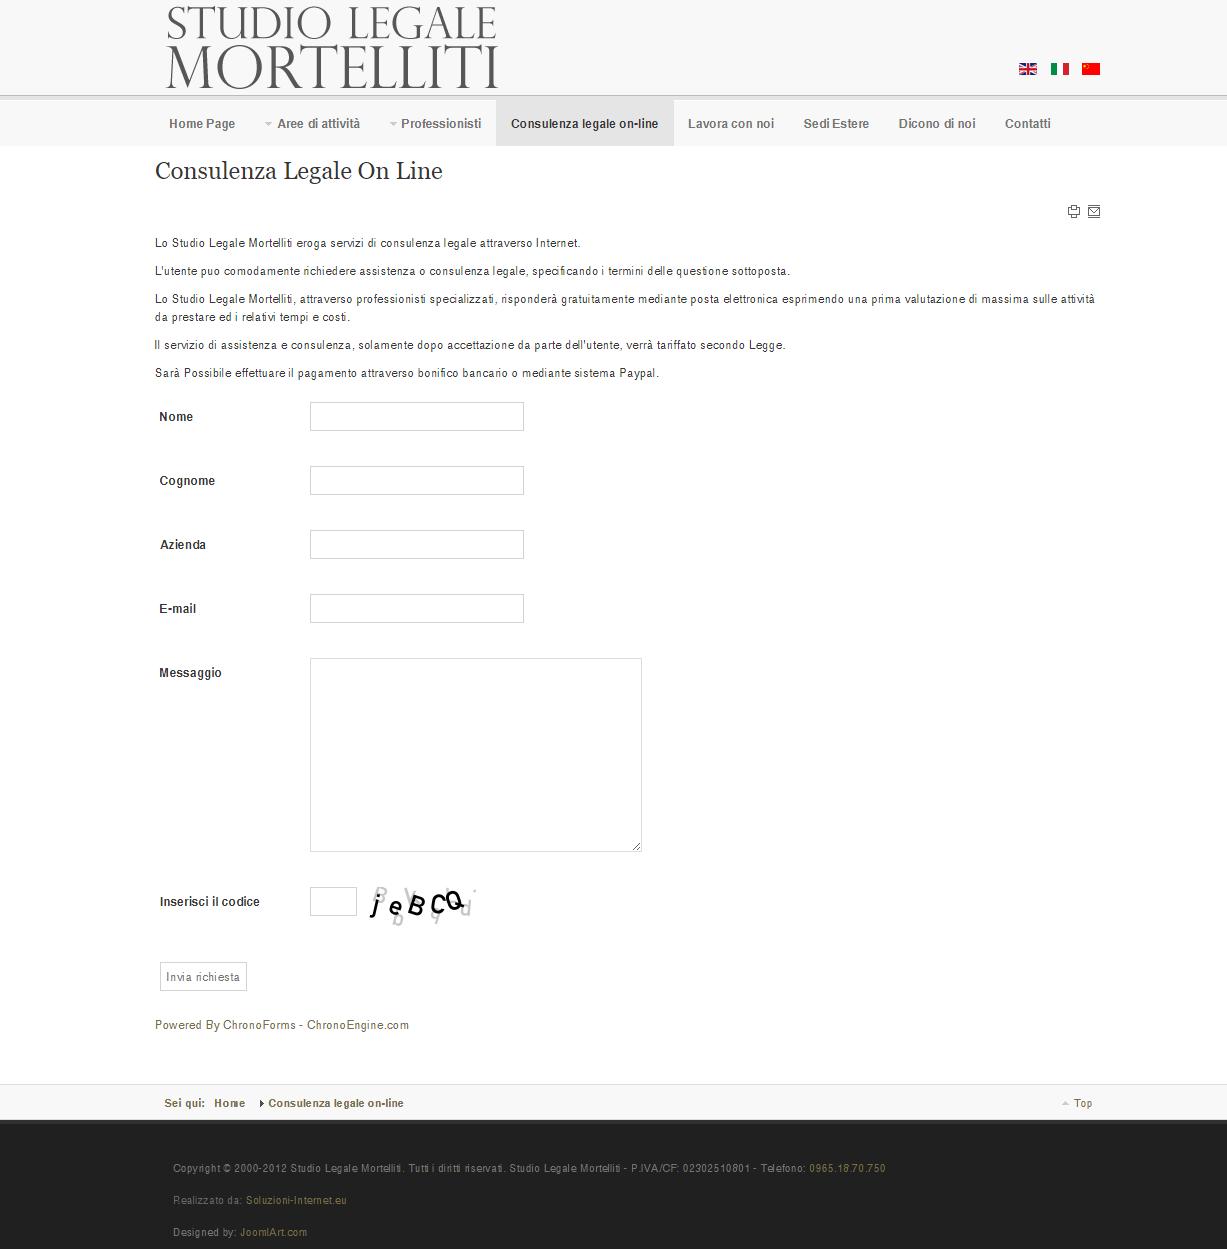 Studio Legale Mortelliti Pagina Consulenza online